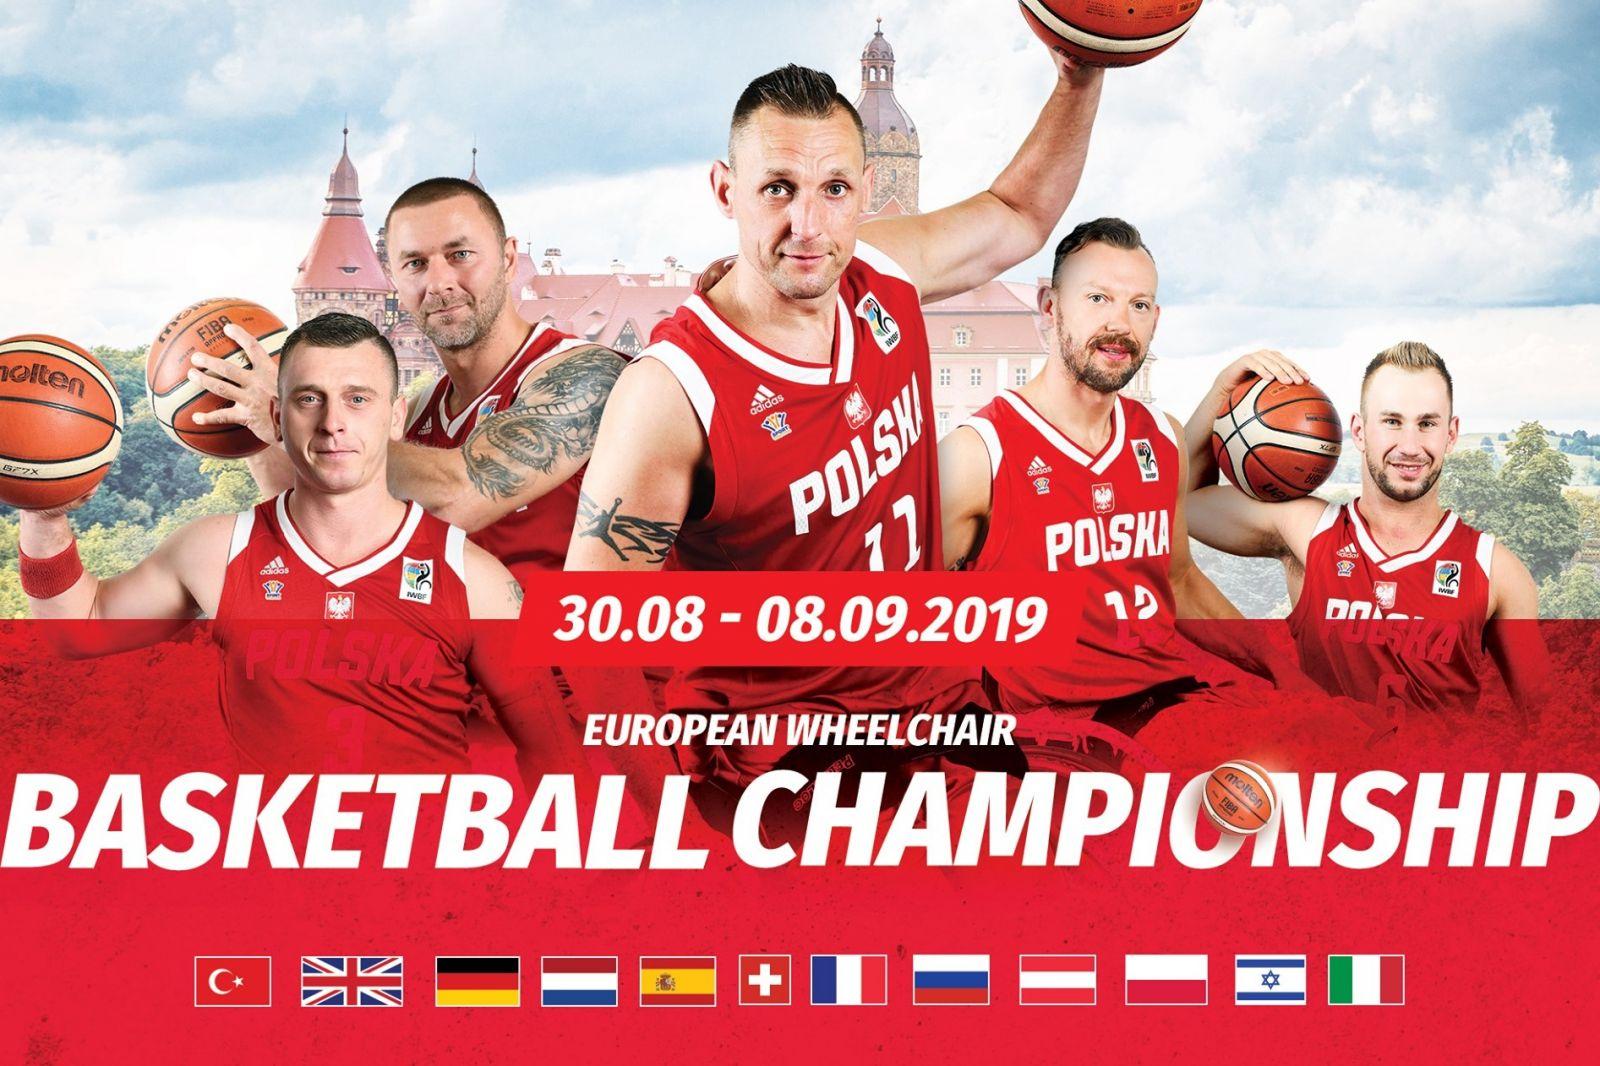 Сборная команда России по баскетболу на колясках приняла участие в чемпионате Европы в дивизионе А